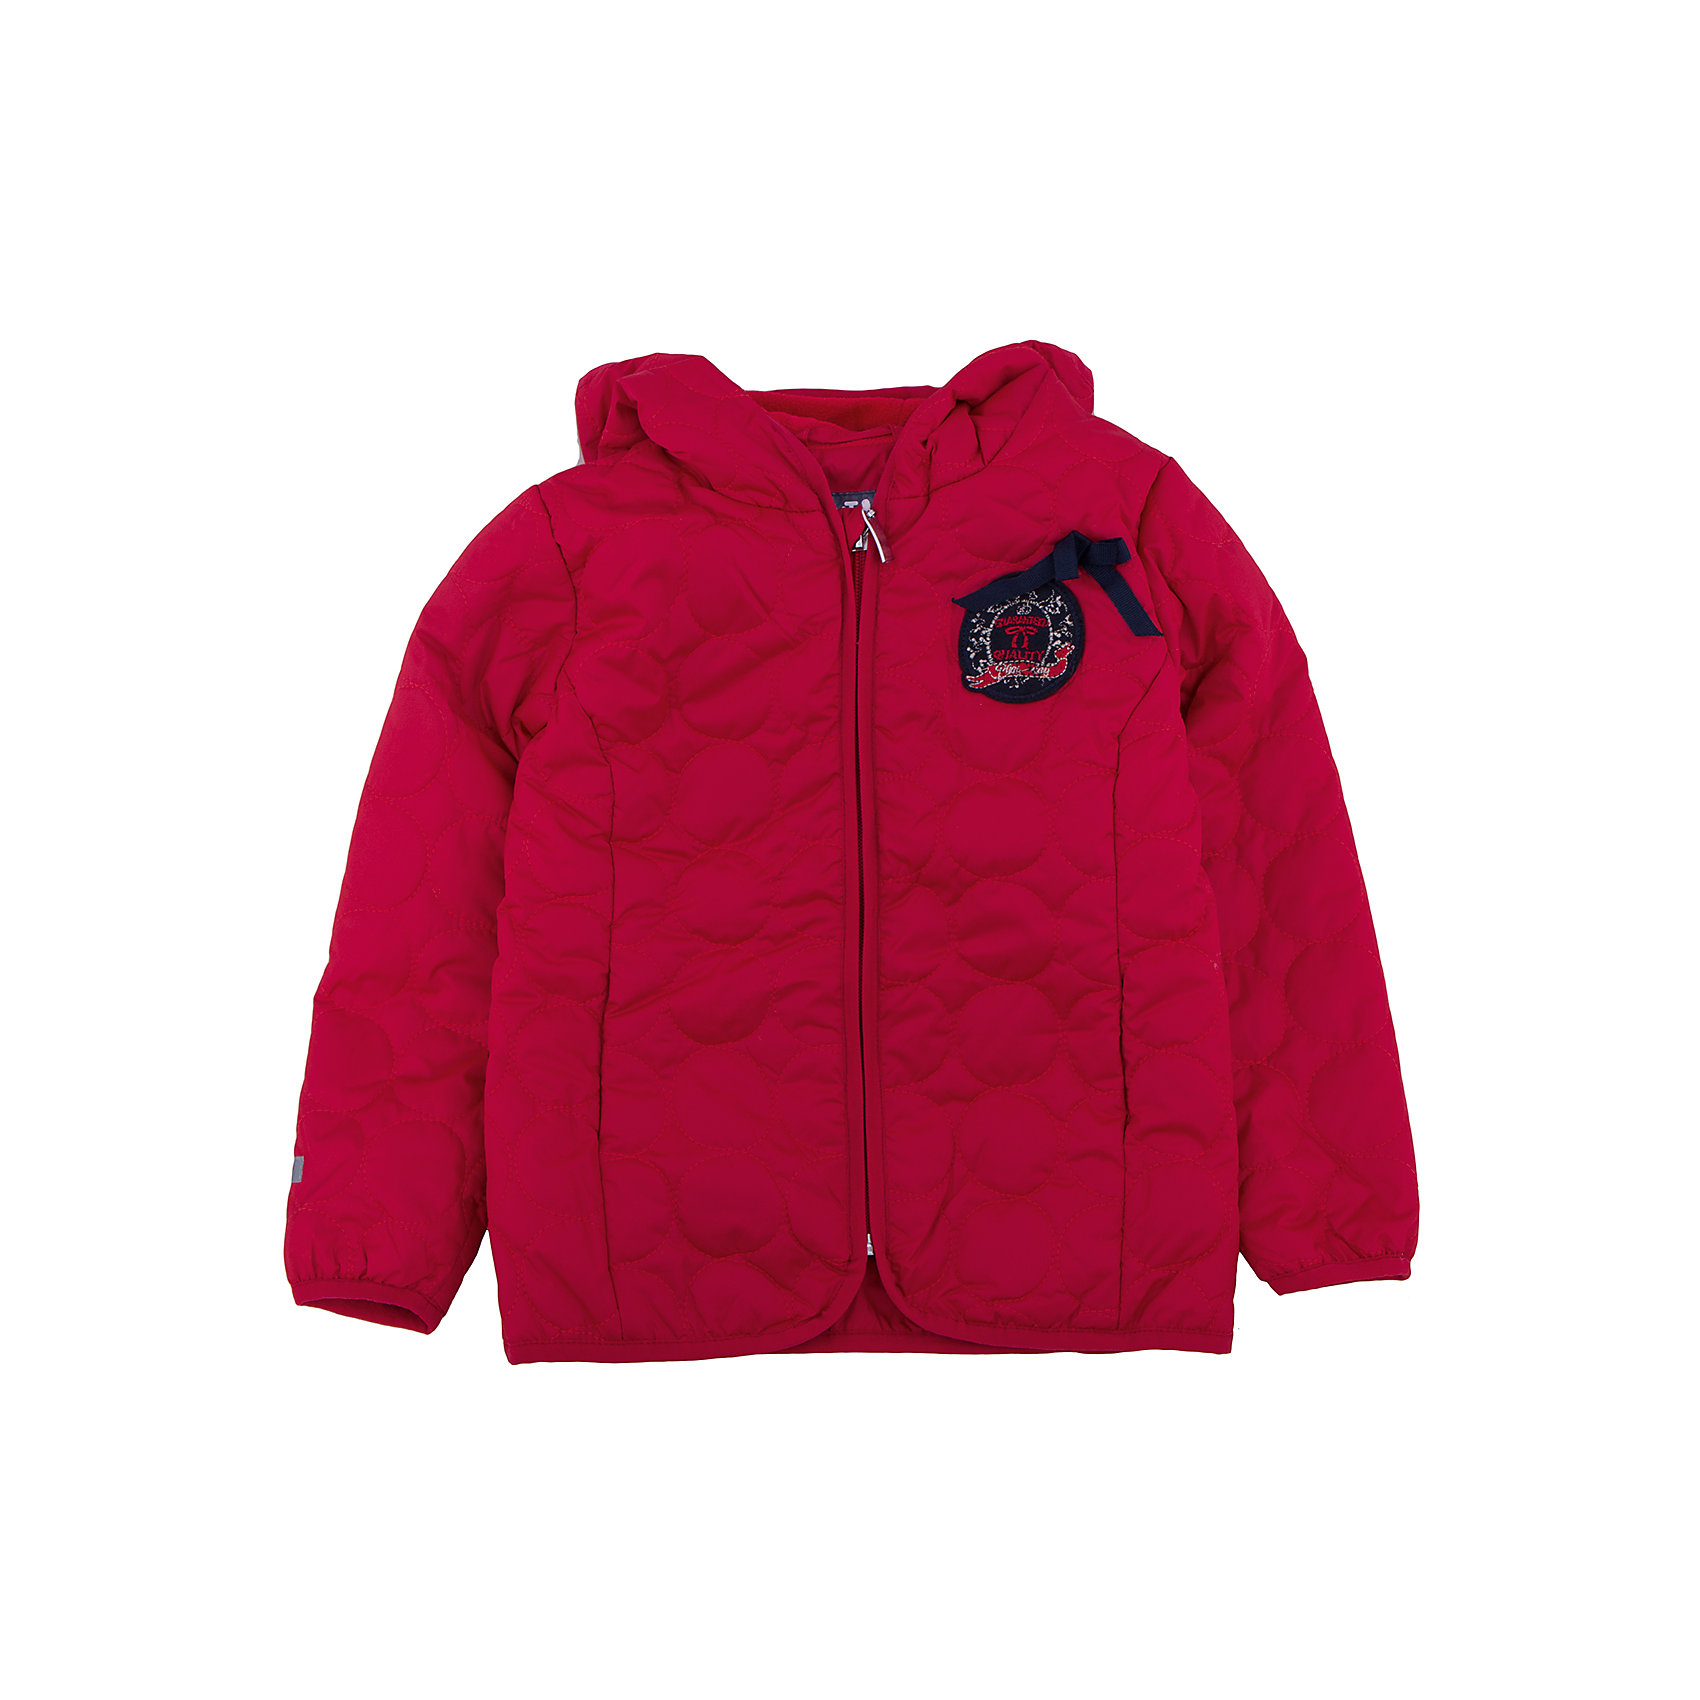 Куртка для девочки PlayTodayКуртка для девочки от известного бренда PlayToday.<br>Стильная красная куртка с фигурной стежкой.  Отсутствие большого количества синтепона компенсируется теплой флисовой подкладкой. Куртка легкая и удобная, но в ней можно гулять хоть весь день. Застегивается на молнию с защитой подбородка. Края обработаны мягким эластичным кантом для защиты от ветра.<br>Состав:<br>Верх: 100% полиэстер, Подкладка: 100% полиэстер, Наполнитель: 100% полиэстер, 150 г/м2<br><br>Ширина мм: 356<br>Глубина мм: 10<br>Высота мм: 245<br>Вес г: 519<br>Цвет: красный<br>Возраст от месяцев: 84<br>Возраст до месяцев: 96<br>Пол: Женский<br>Возраст: Детский<br>Размер: 128,104,116,110,98,122<br>SKU: 4897537